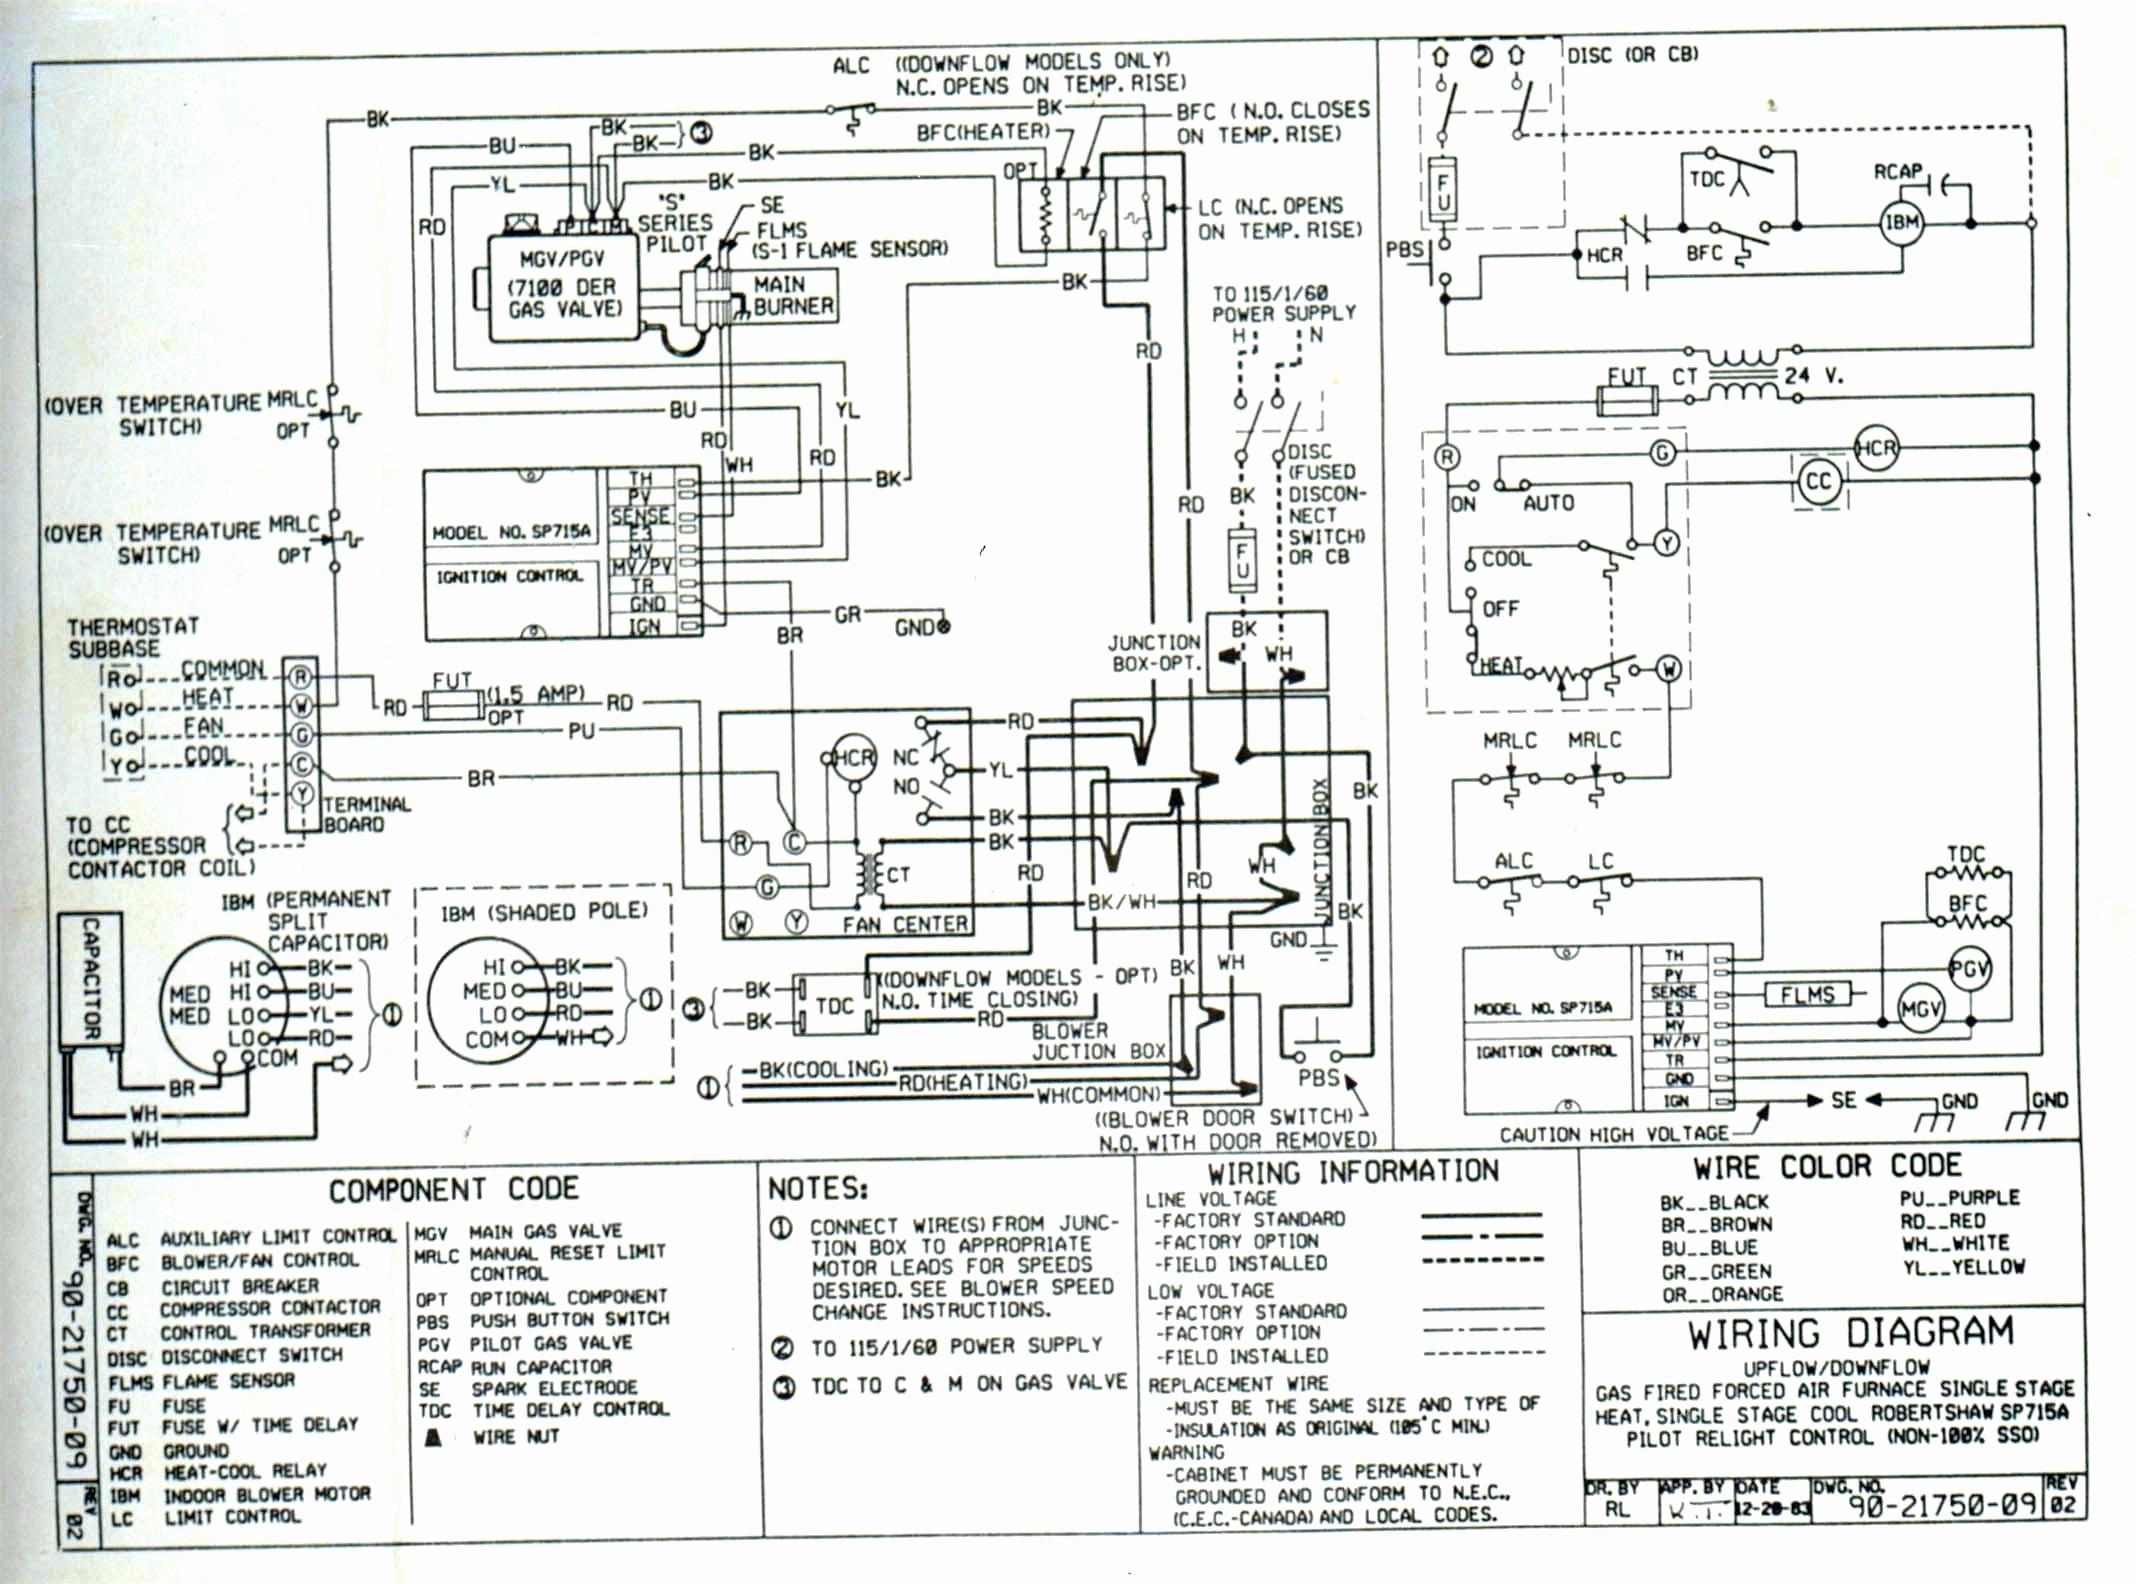 Hunter 42122 Wiring Diagram | Wiring Diagram on